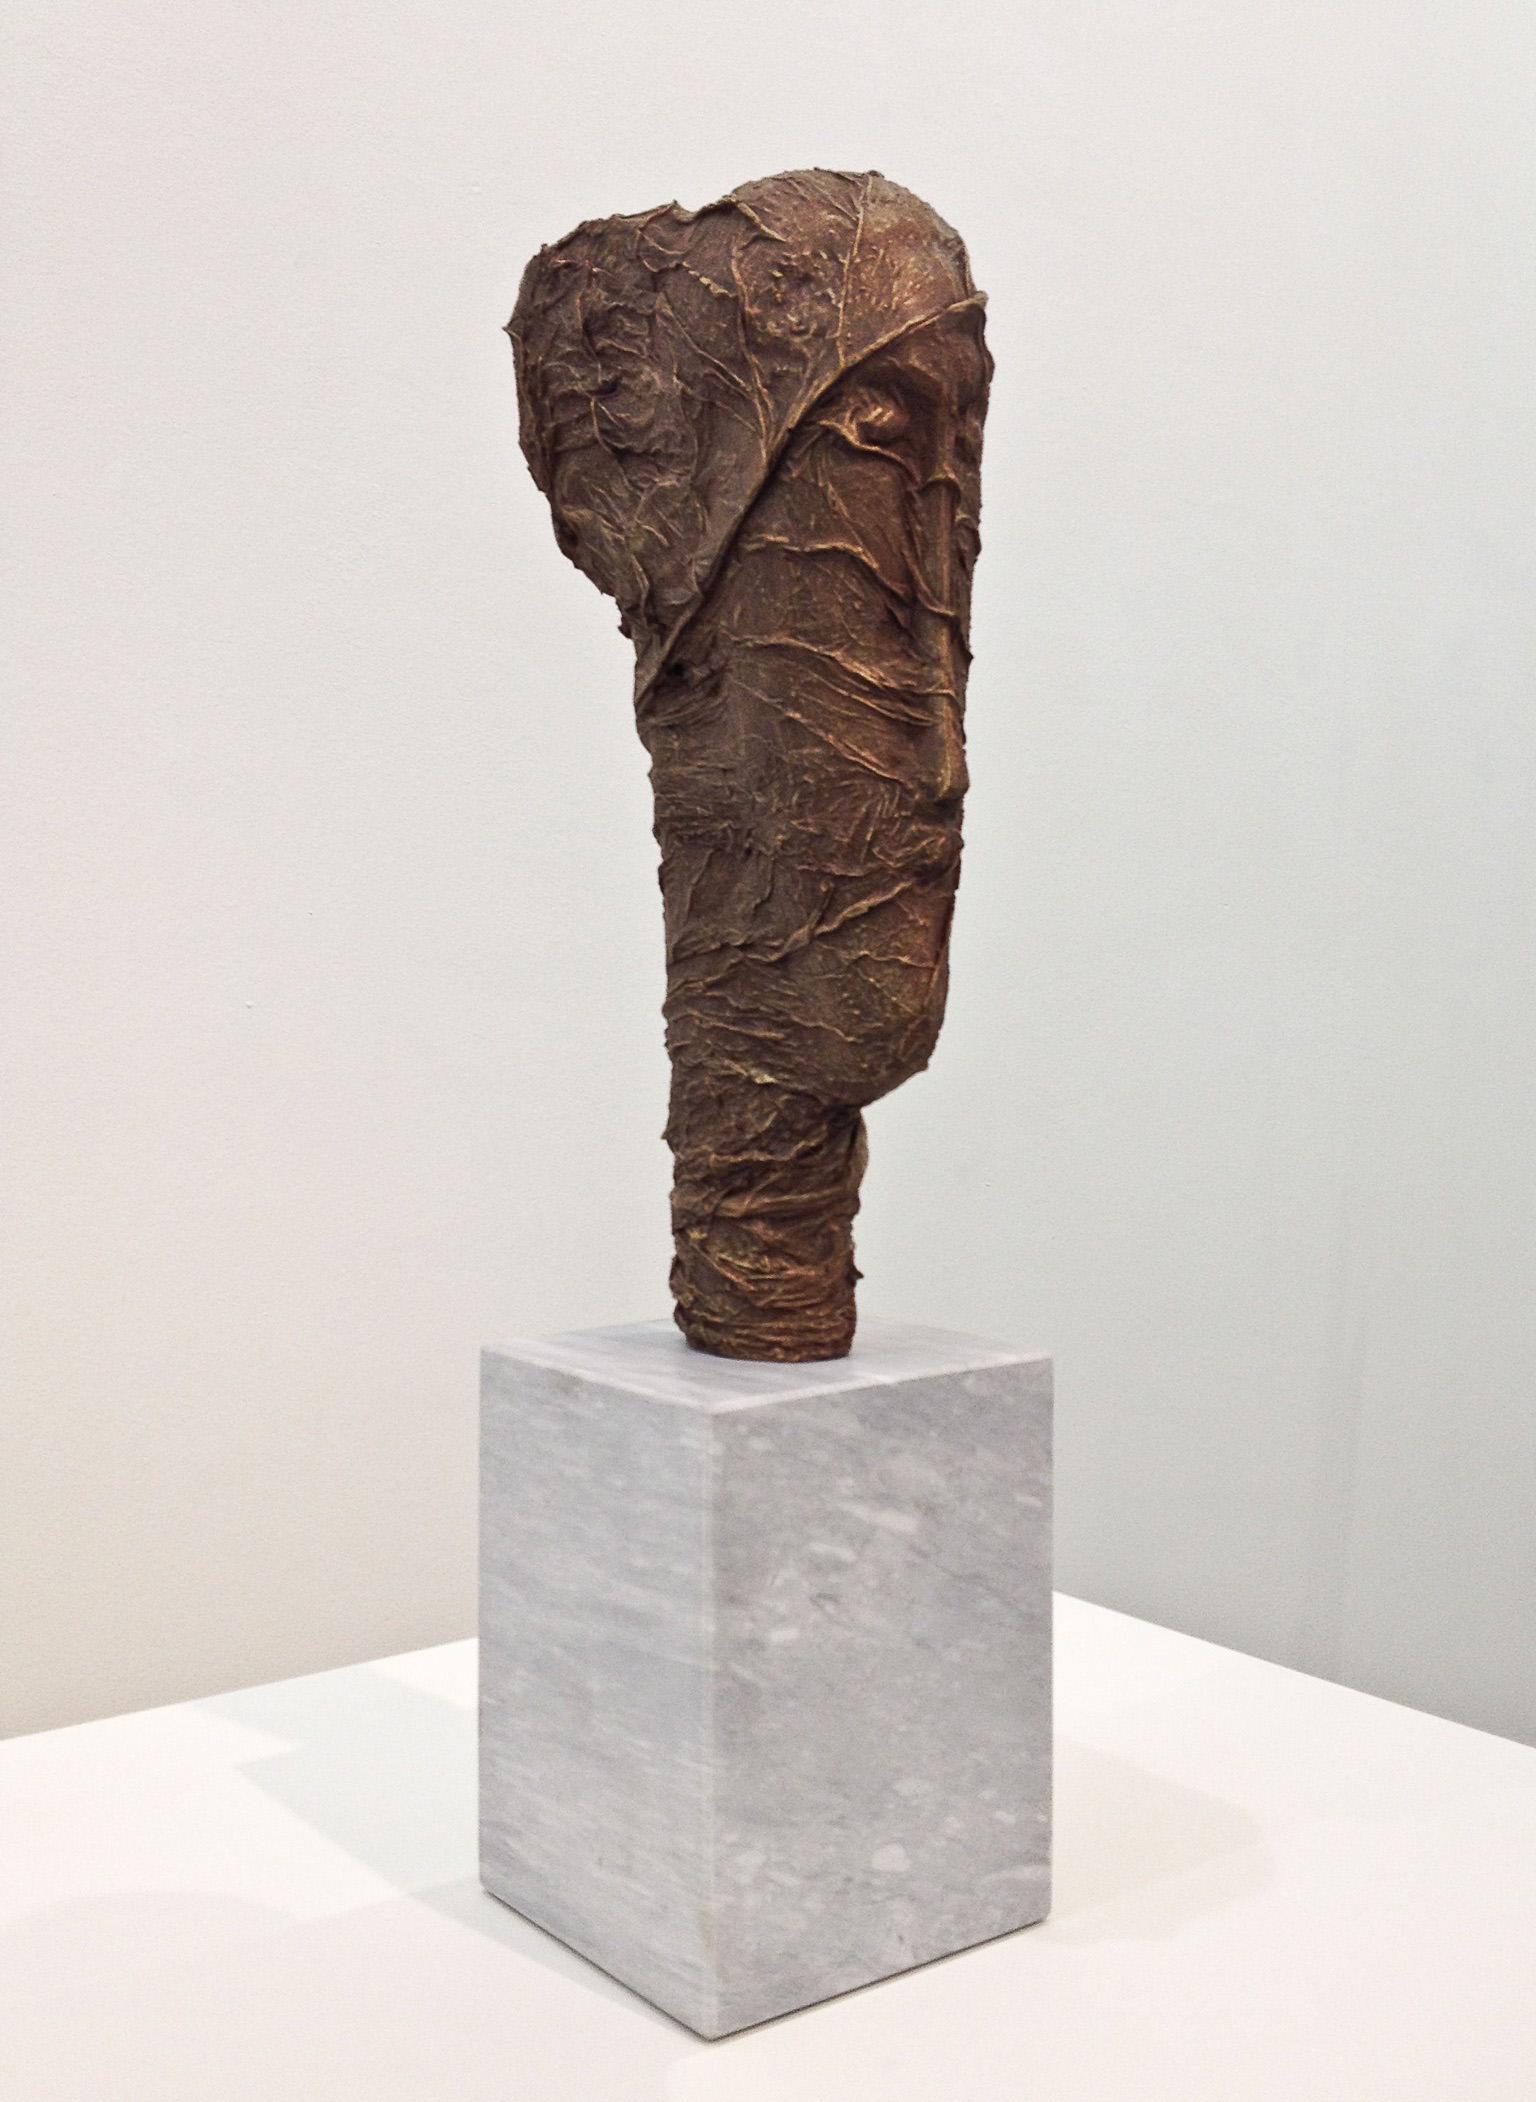 Modì-sigaro Toscano, 2015  resina, pigmenti, bronzo,  marmo  50x25x12 cm Modigliani foglie di tabacco scultura primitivismo modellato